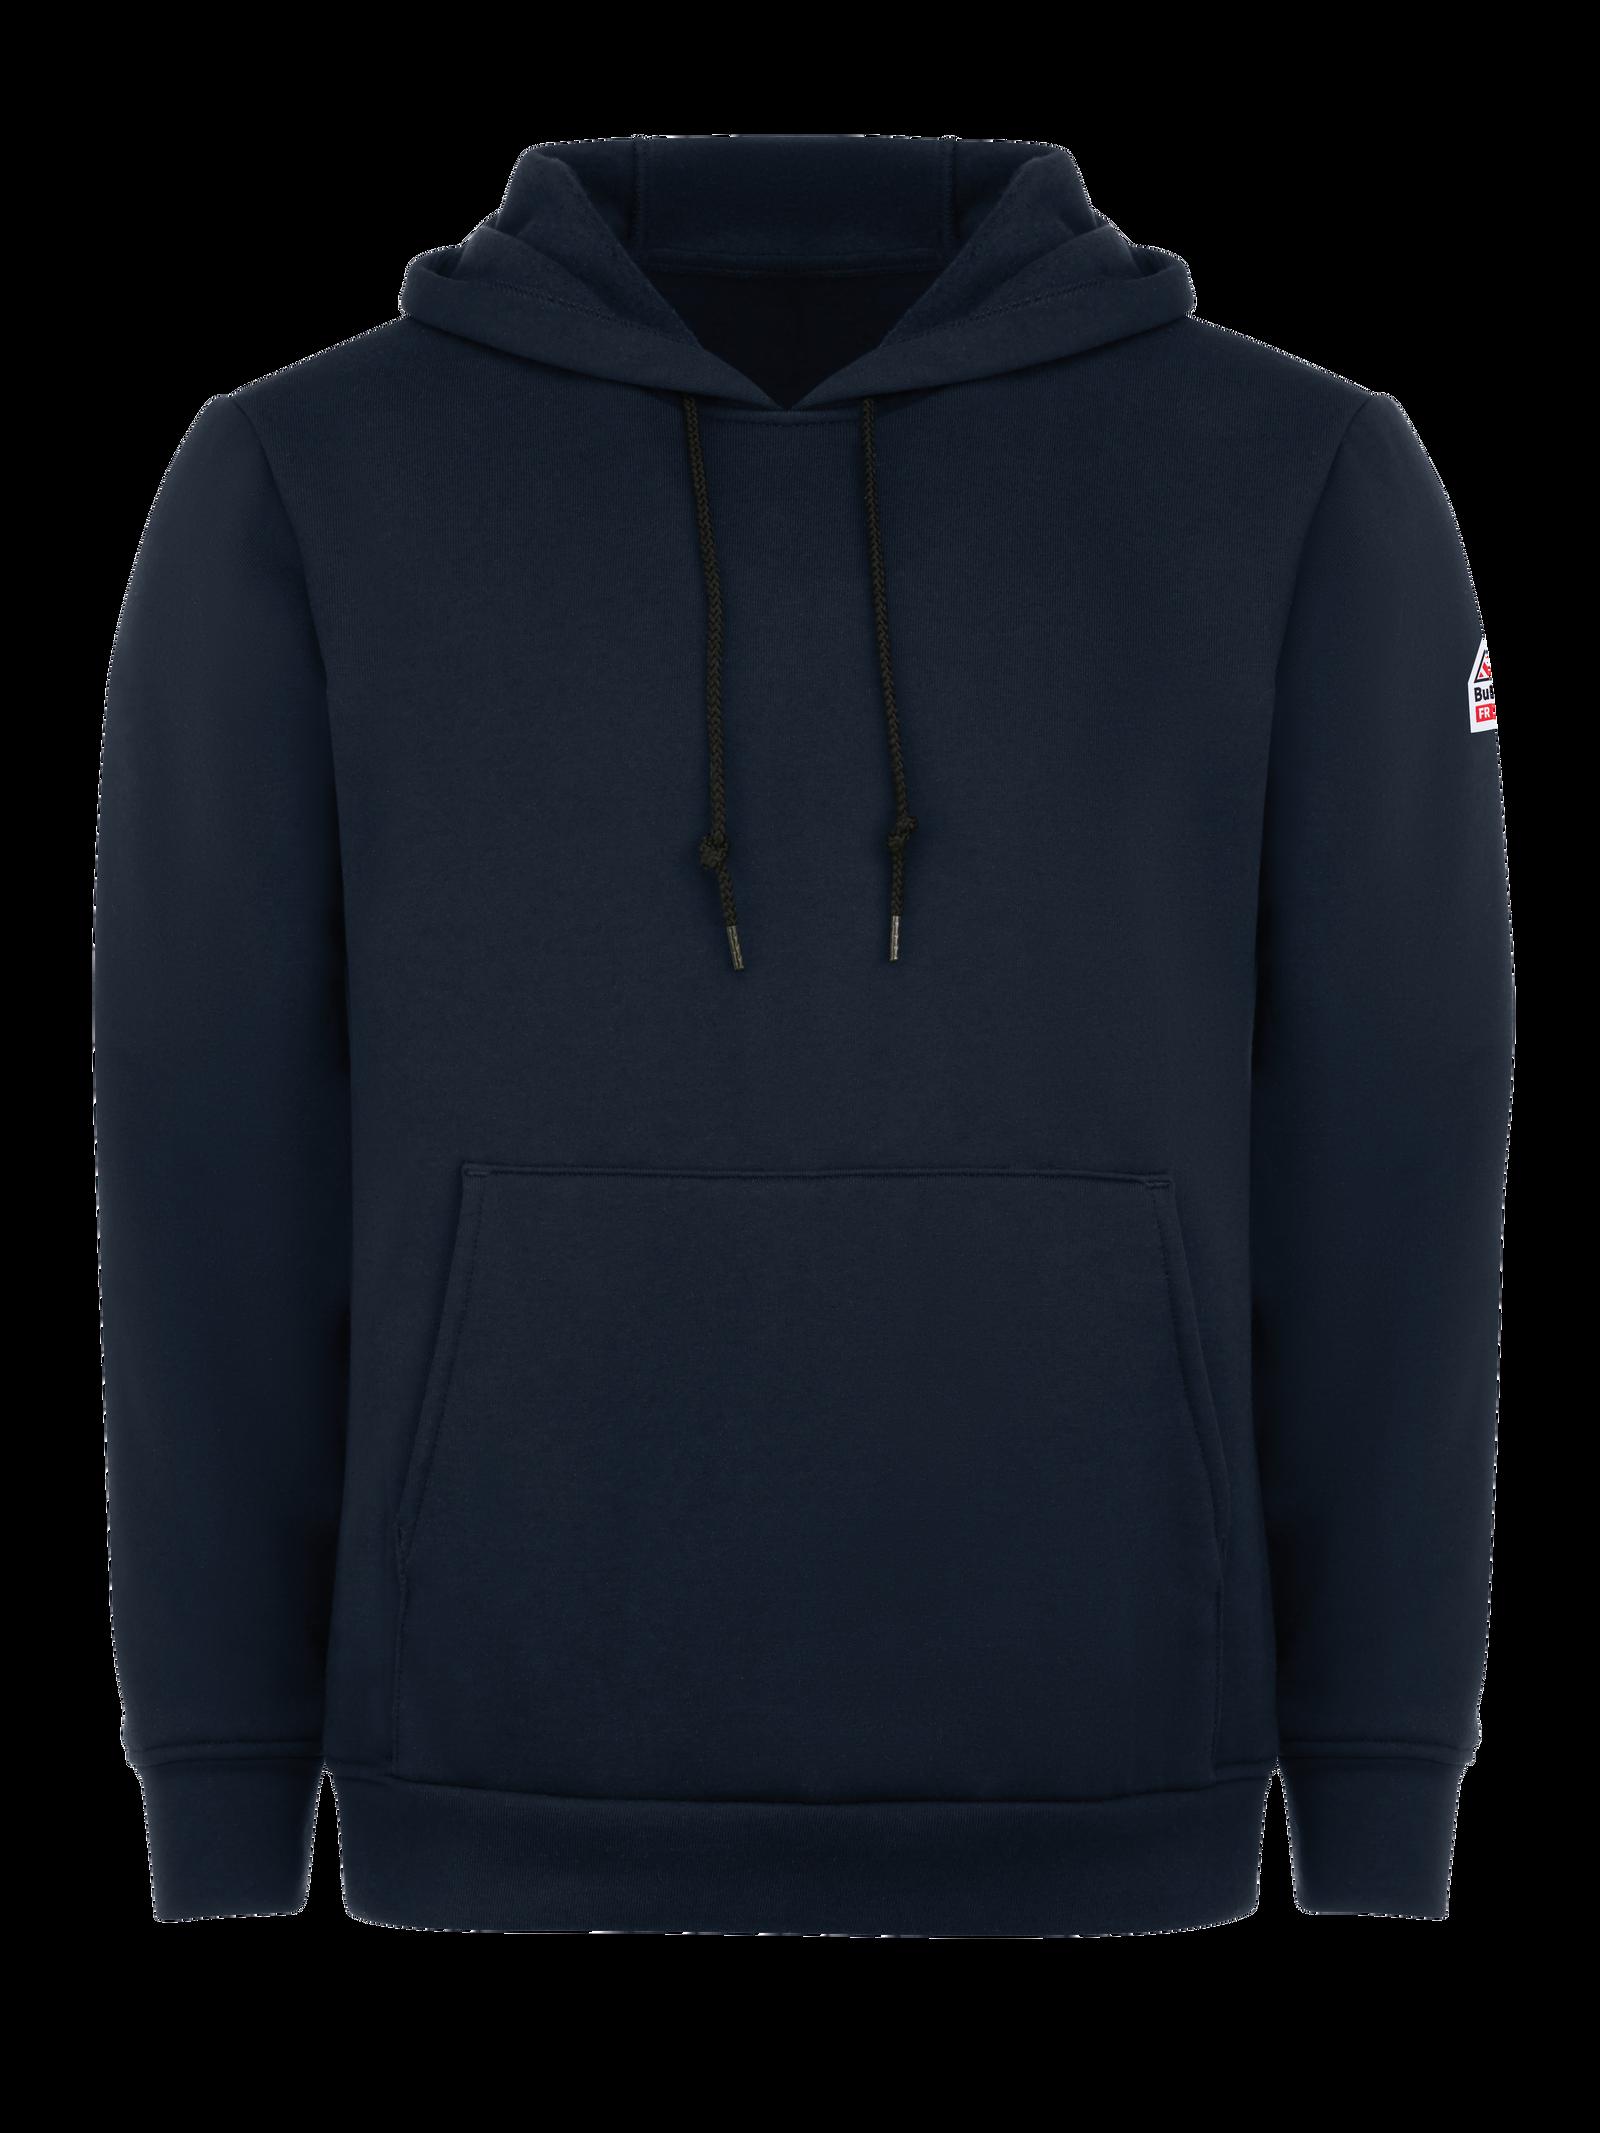 Bulwark FR Mens Thermal Lined Zip-Front Hooded Sweatshirt